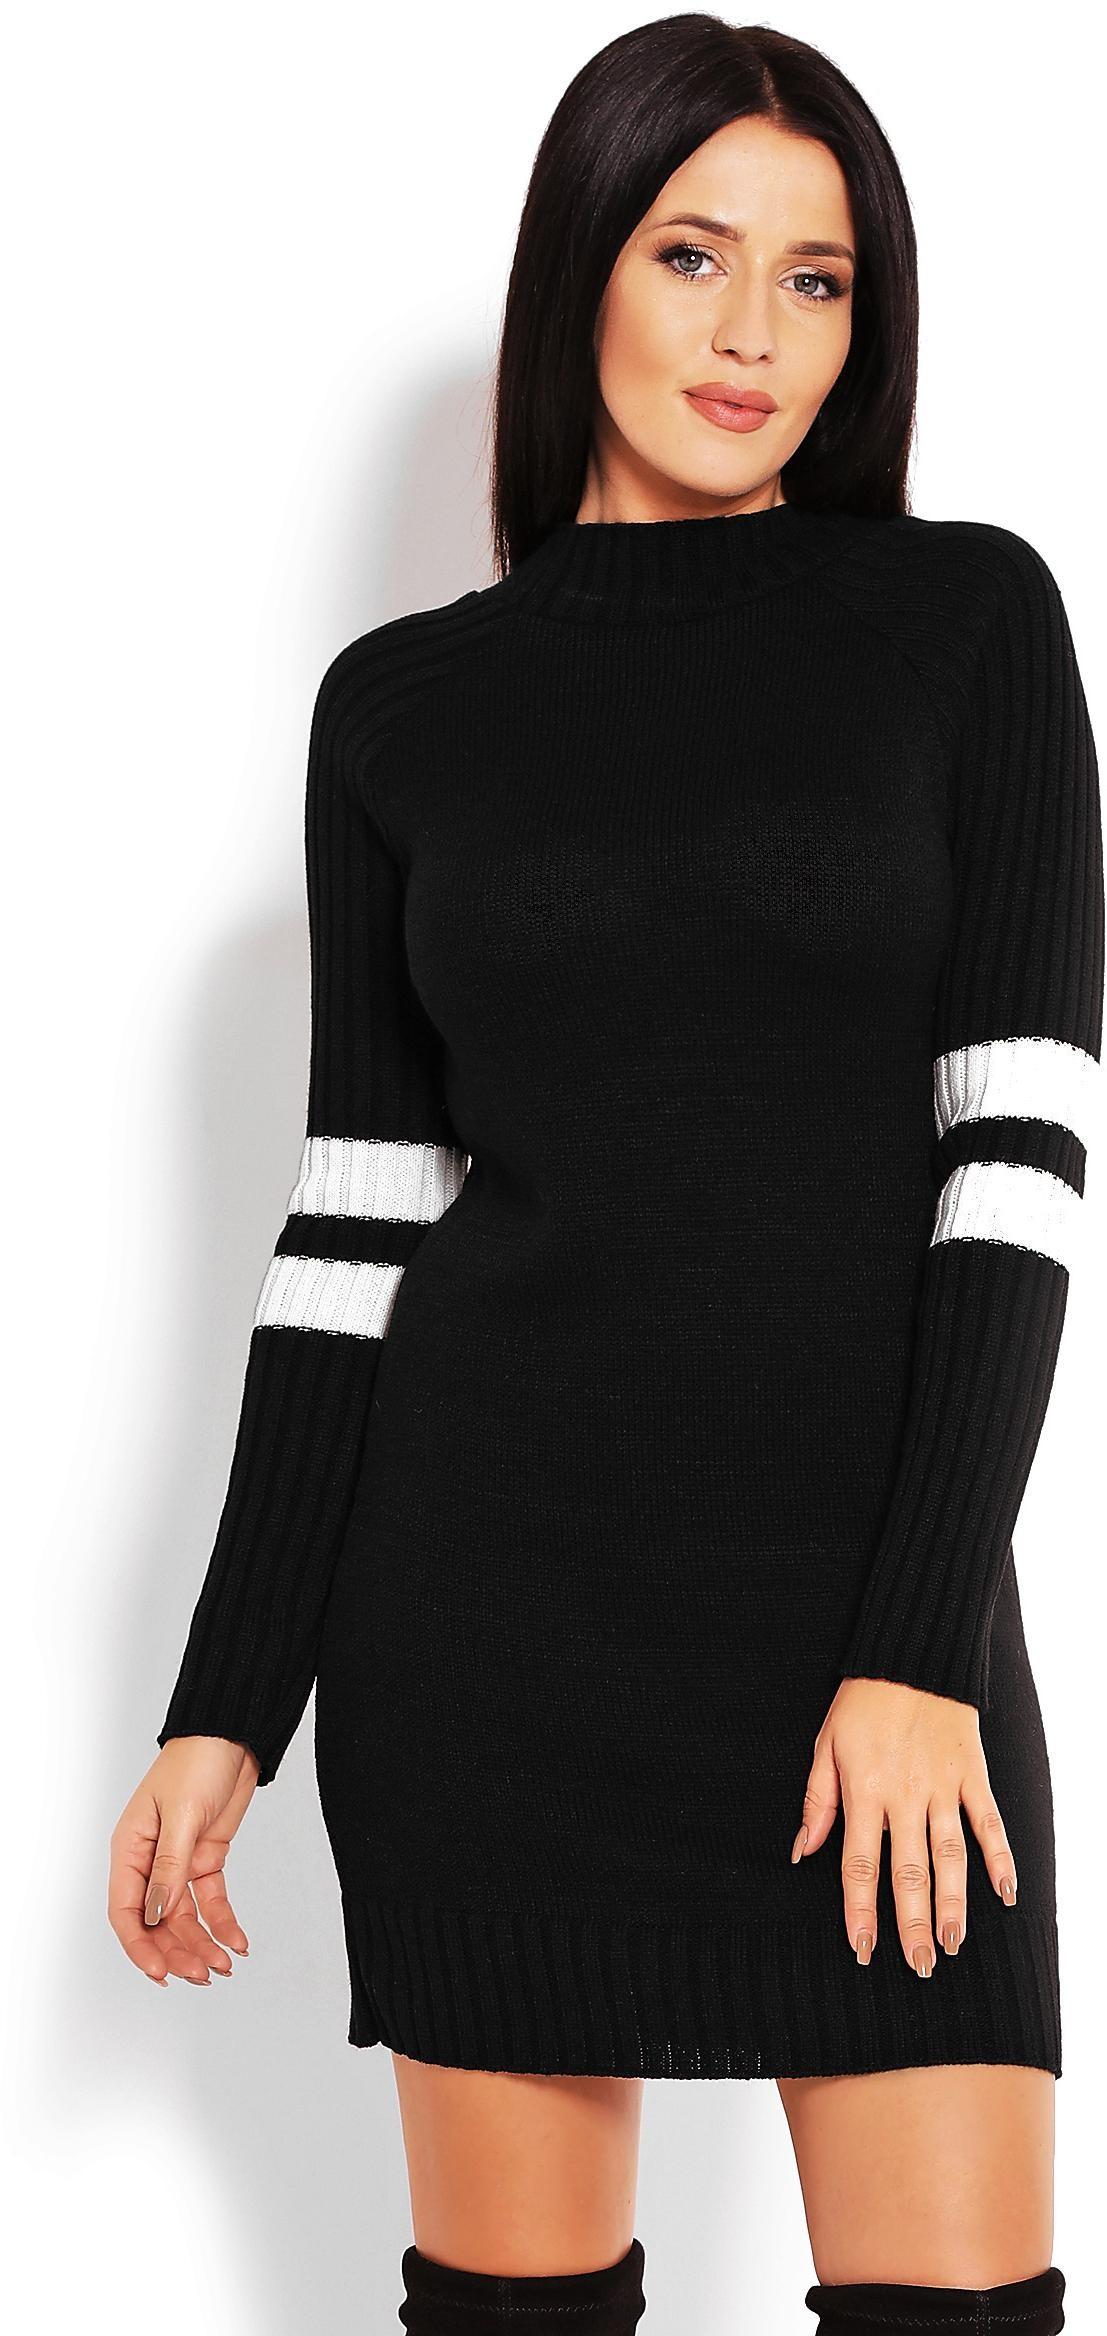 Čierny dlhý dámsky sveter 70011 - Uni